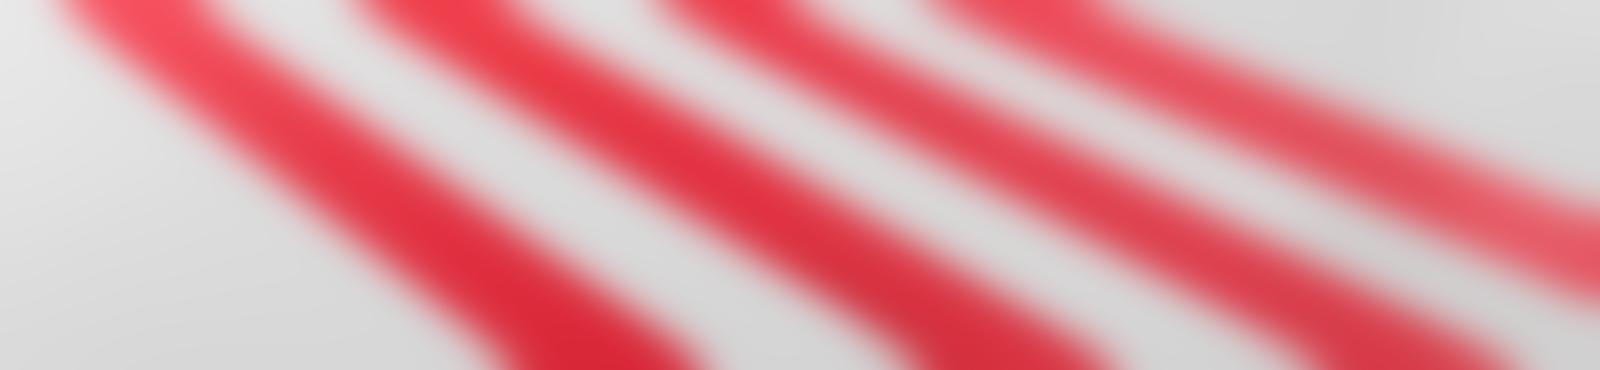 Blurred 4b48ec81 85d5 4f00 844f 985b7382f401